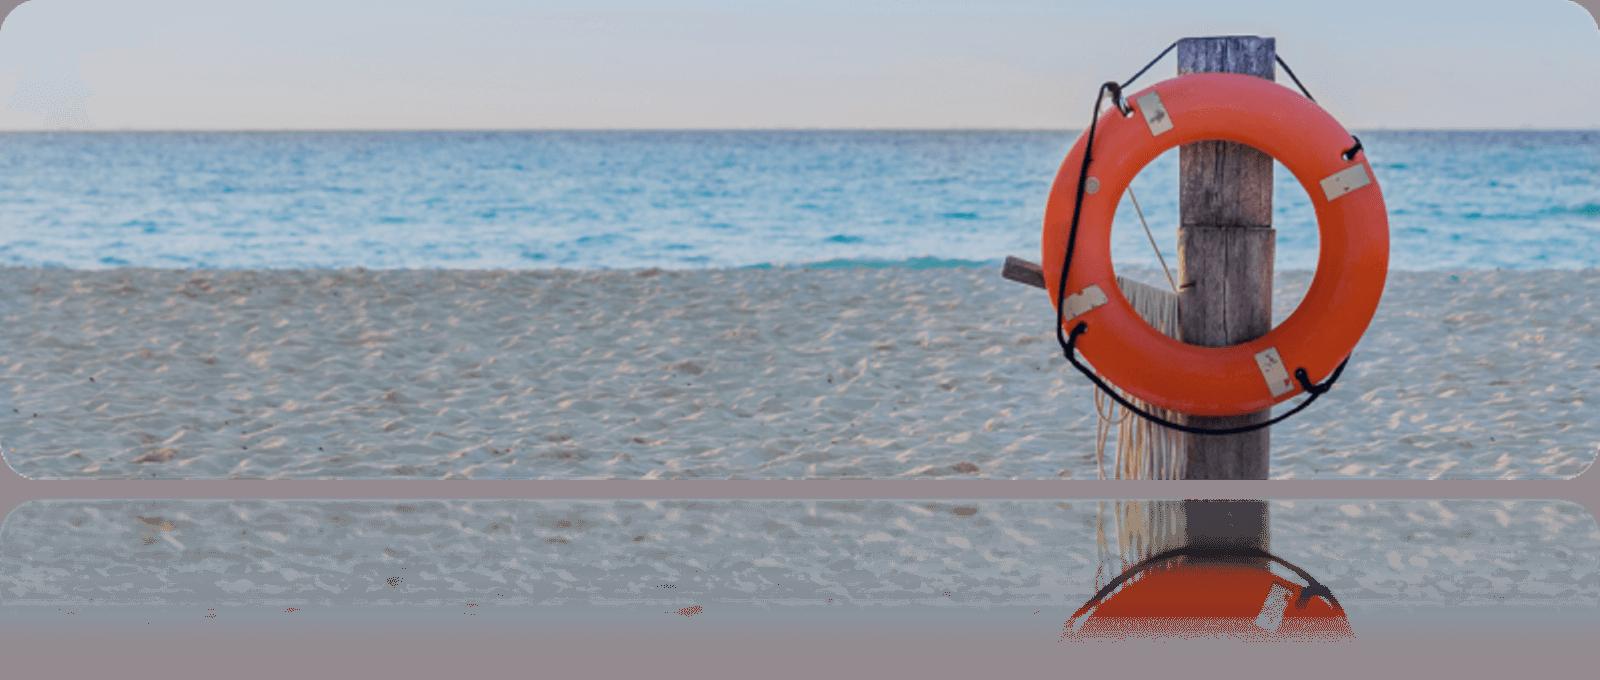 Versicherungen - Vorsorge mit Versicherungen Risikovorsorge